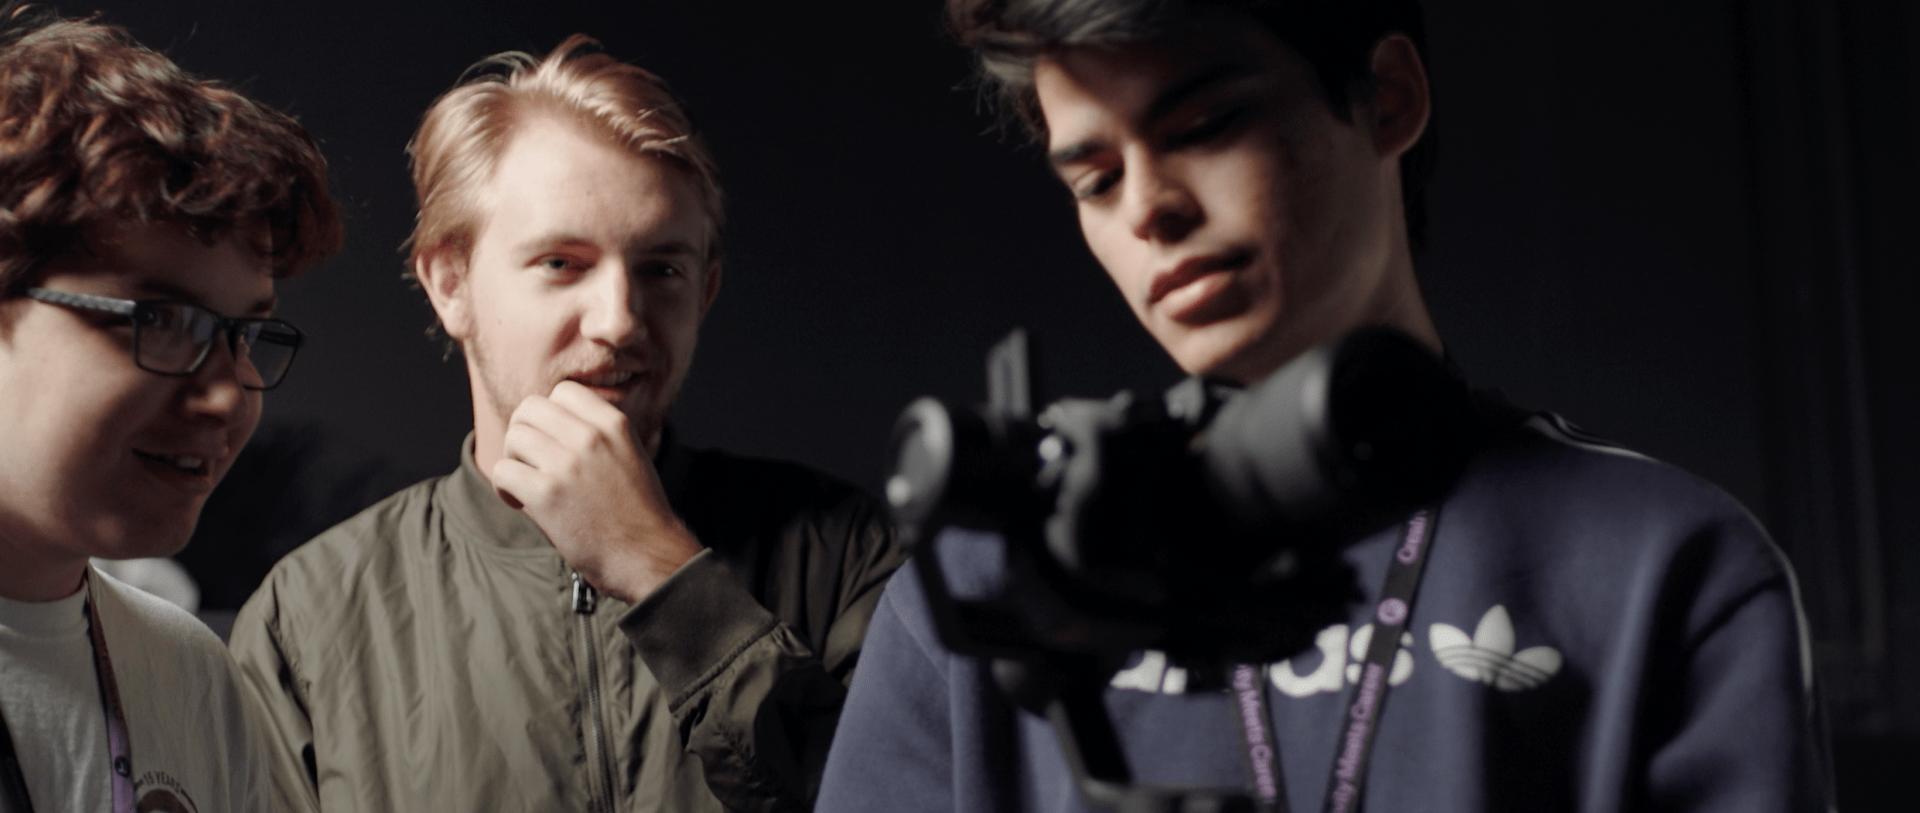 Luke Godfrey: Student Spotlight | F.I.R.S.T. Institute